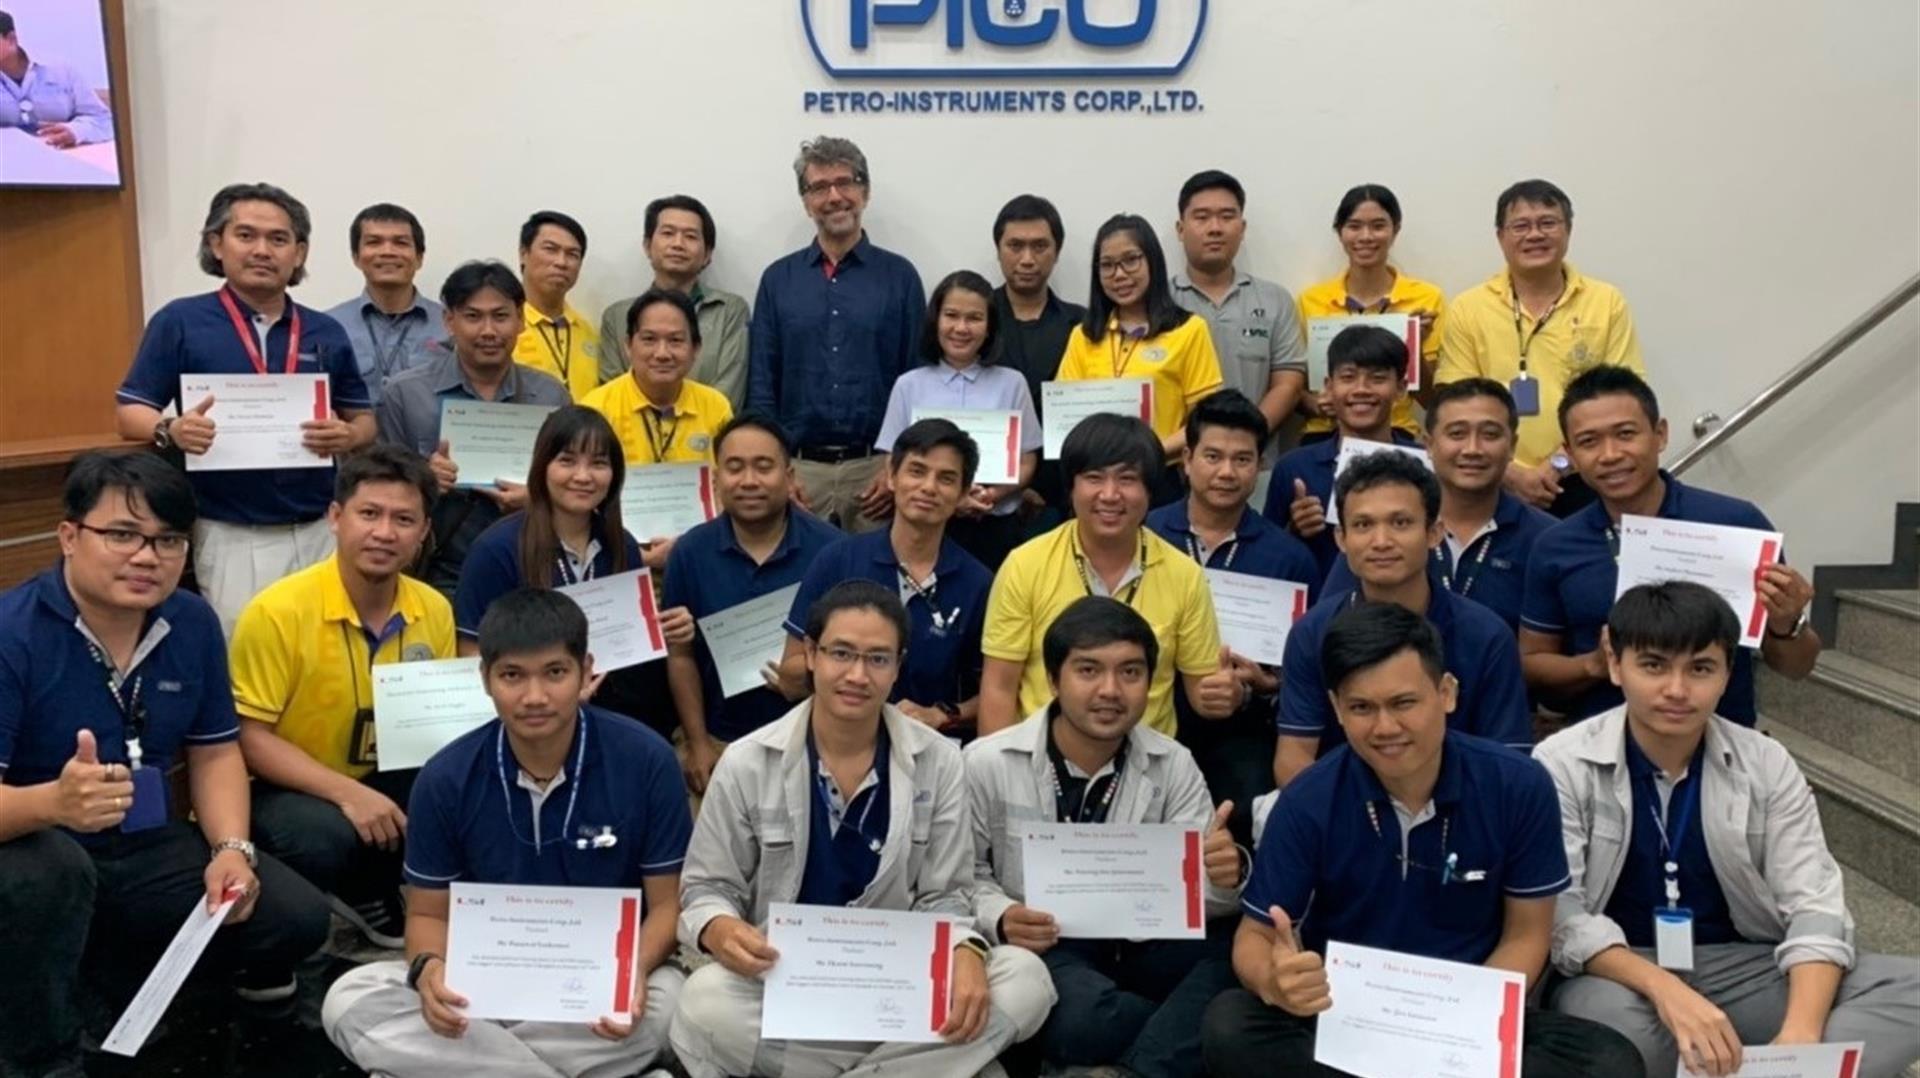 Una giornata di formazione alla Petro Instruments Corporation